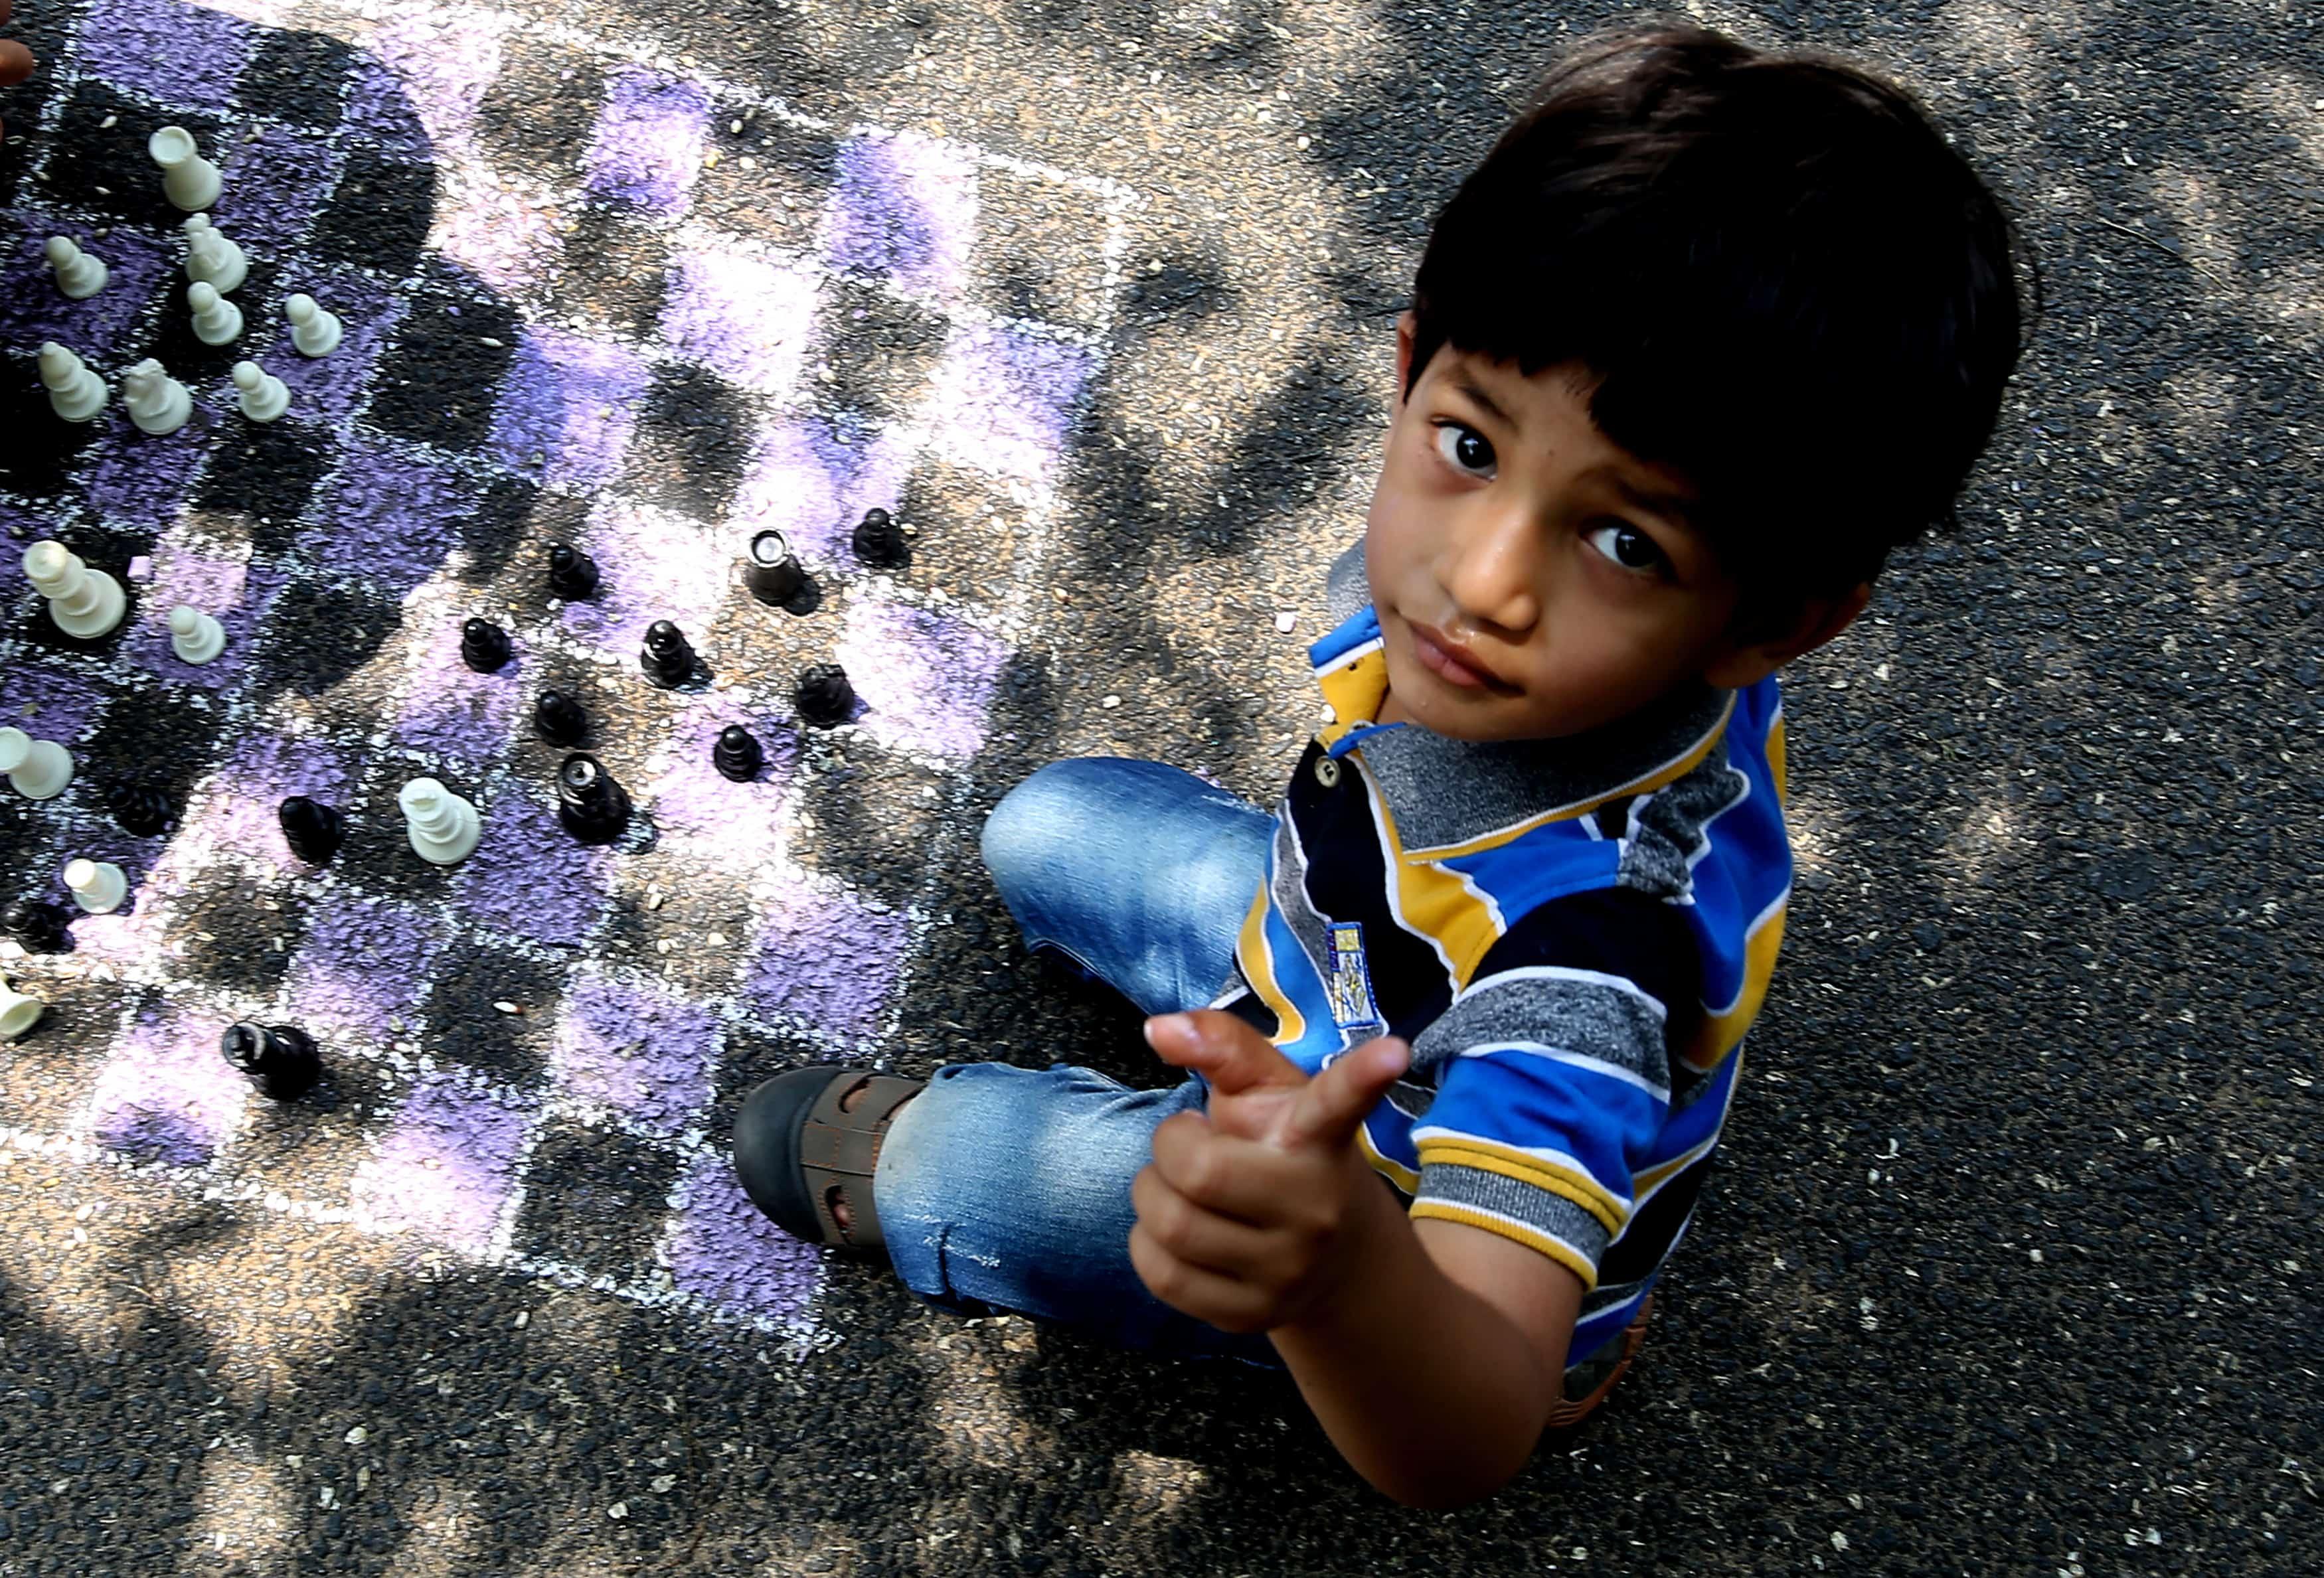 Een Indisch kinds wijst met z'n vinger omhoog tijdens een spelletje schaken. Het schaakbord is met krijt op het asfalt getekend.